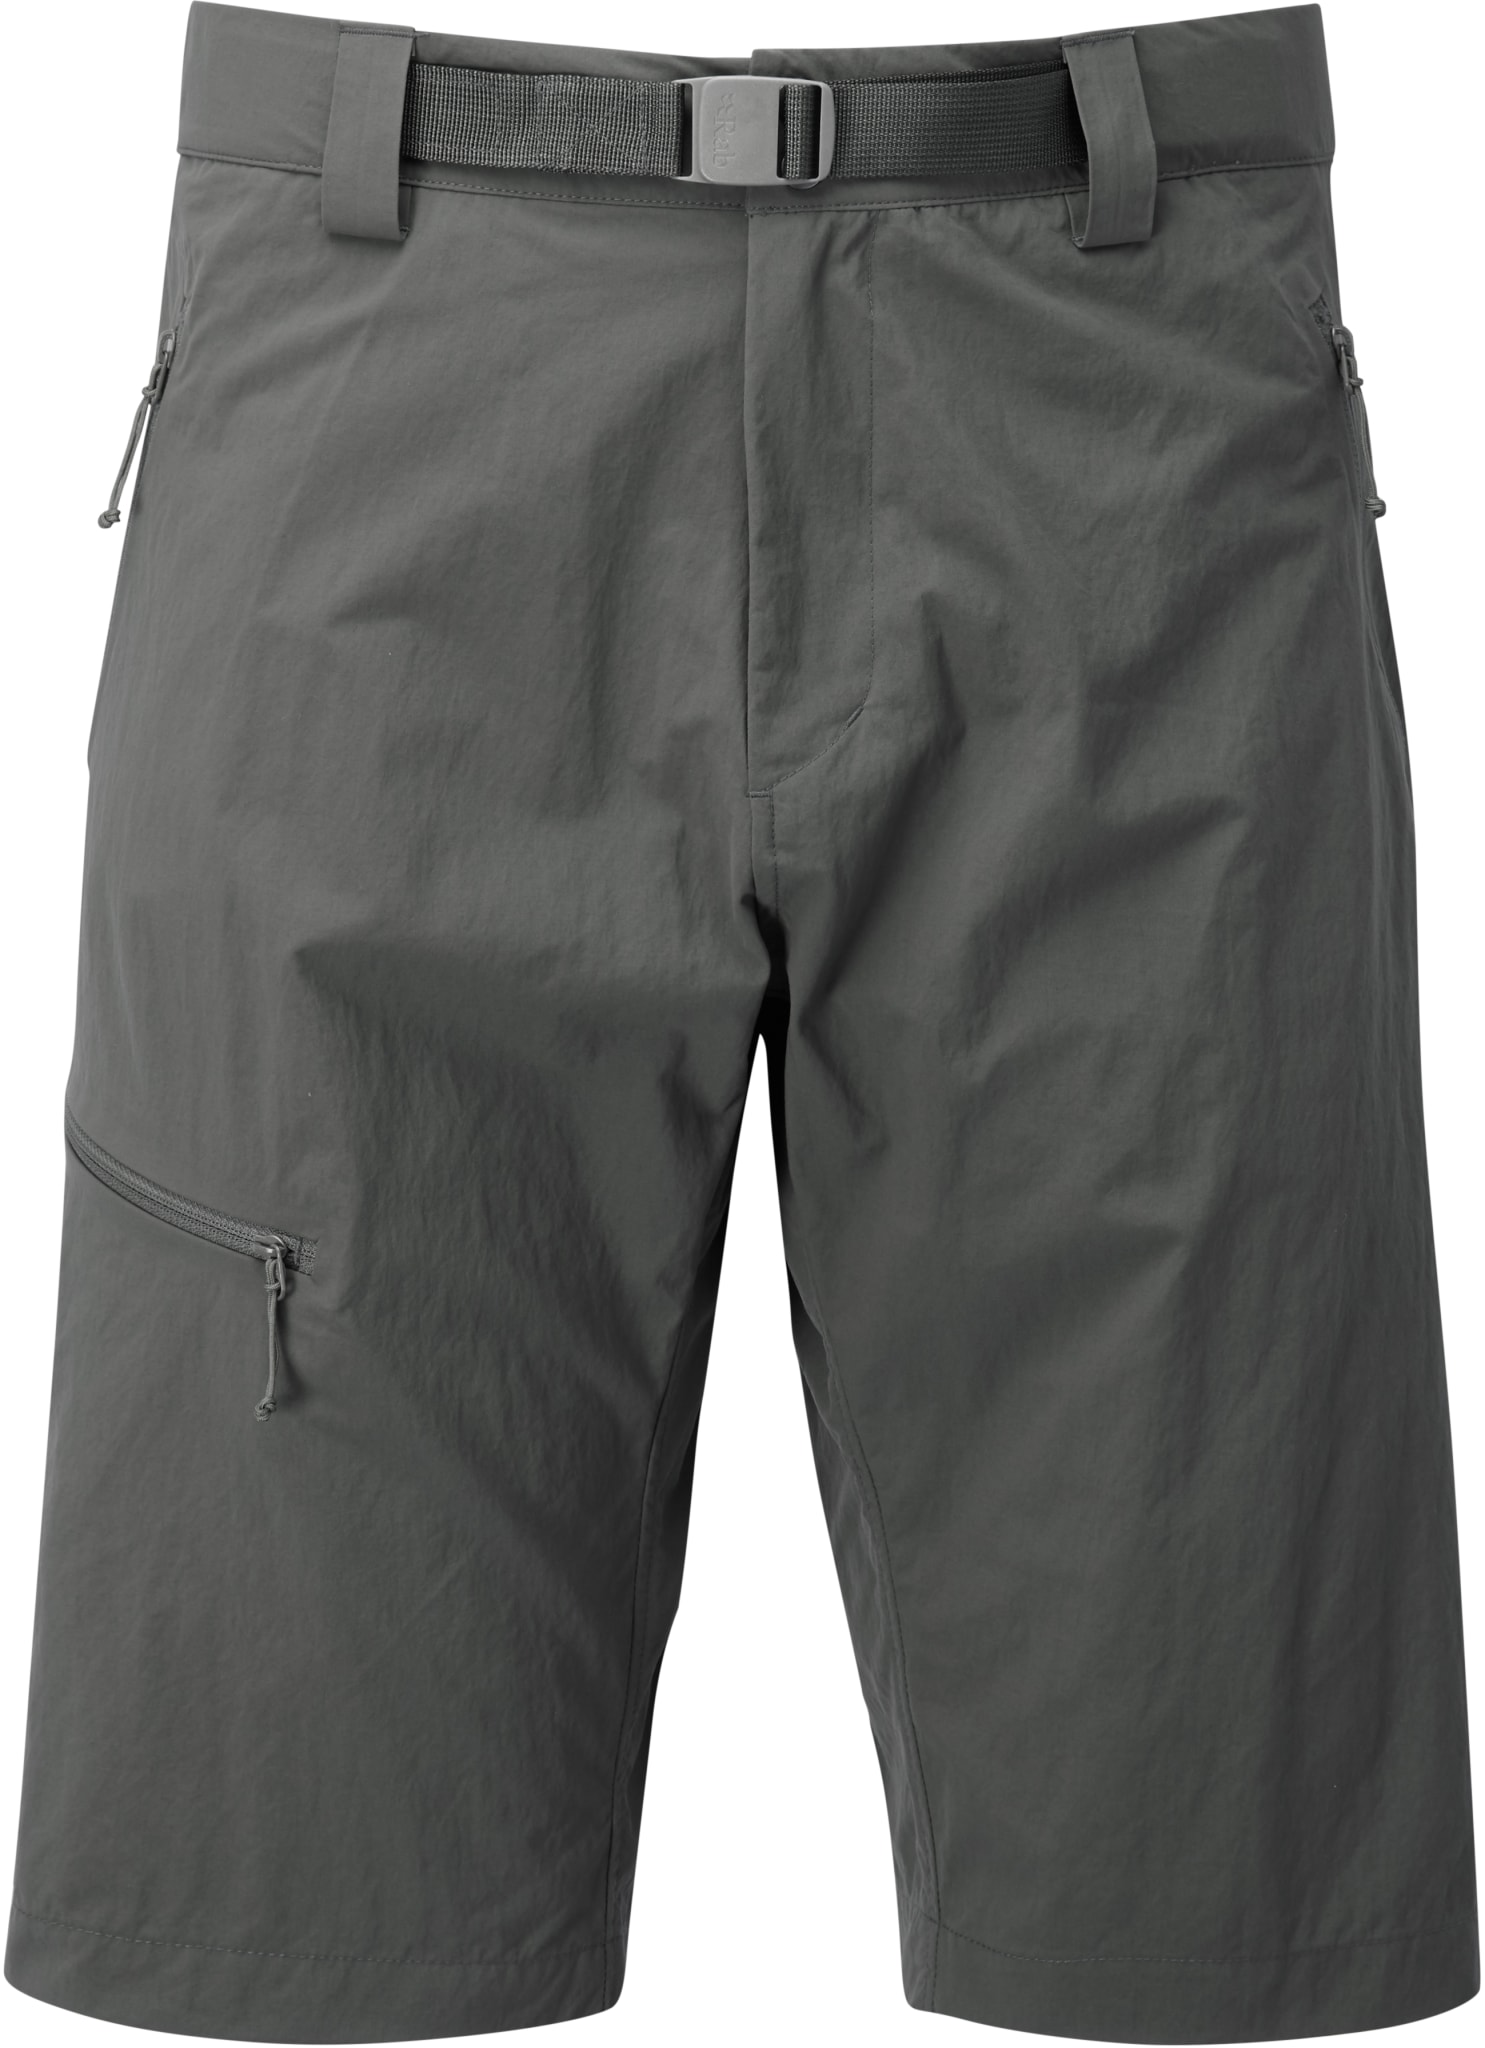 Shorts til tur og reise